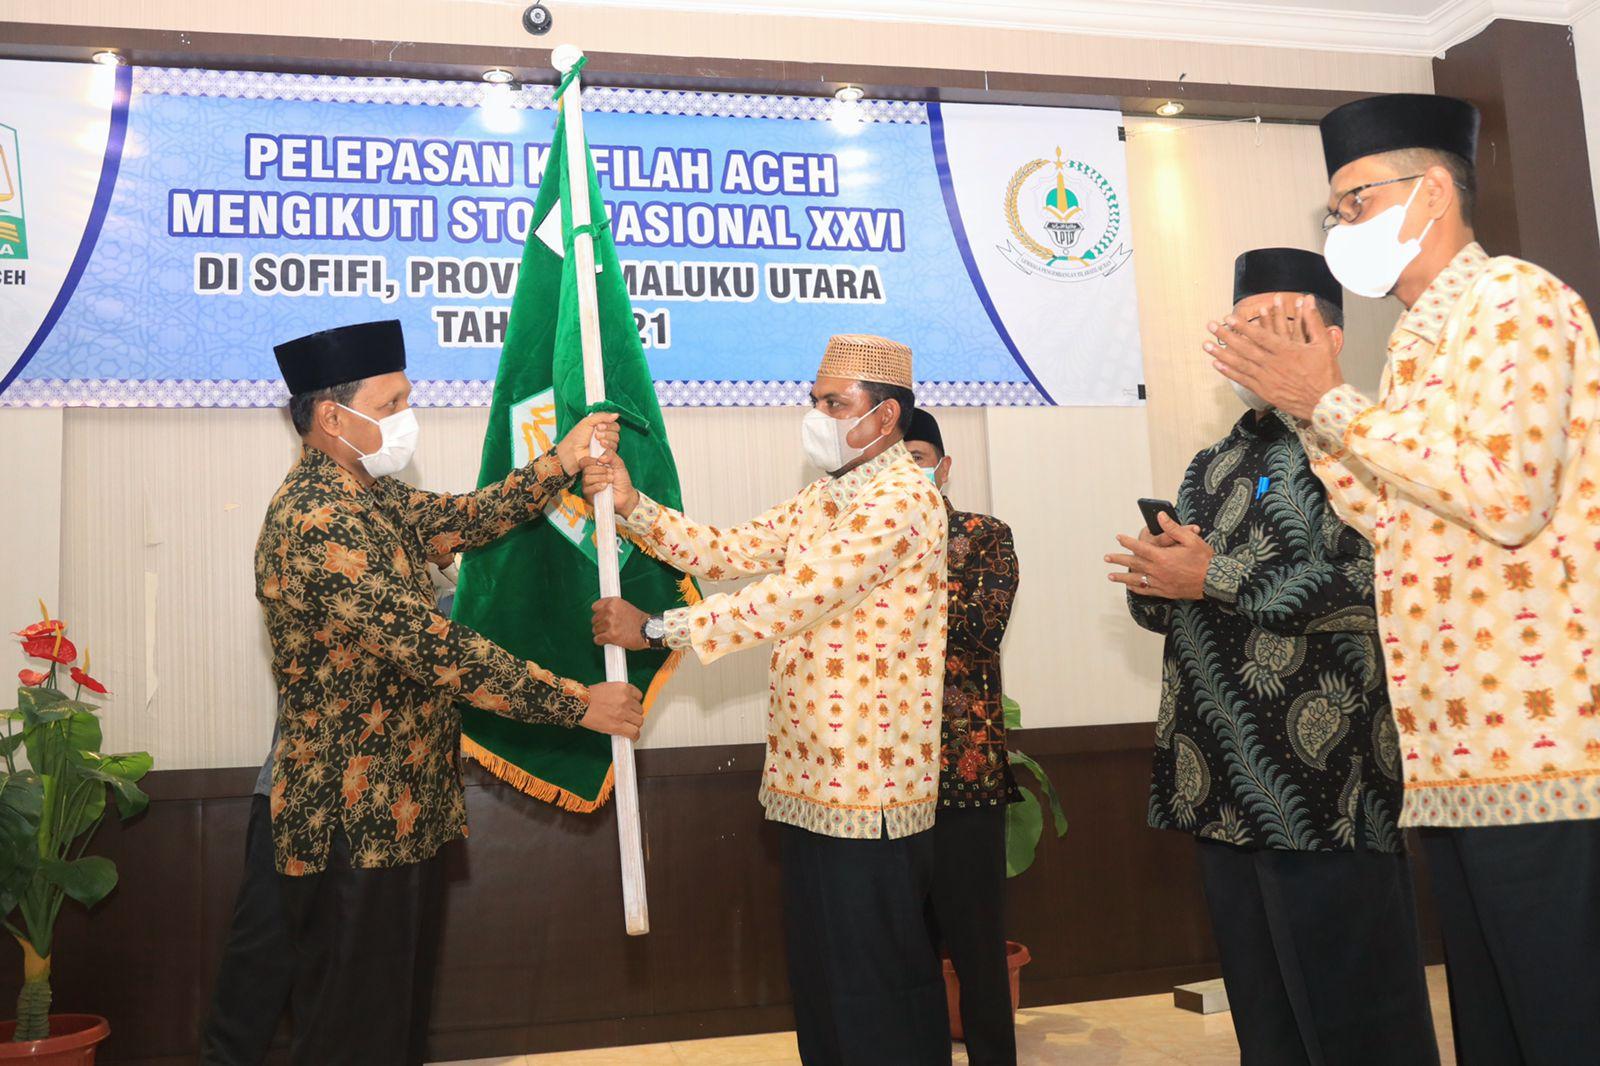 Kontingen STQH Aceh Diharapkan Harumkan Nama Daerah